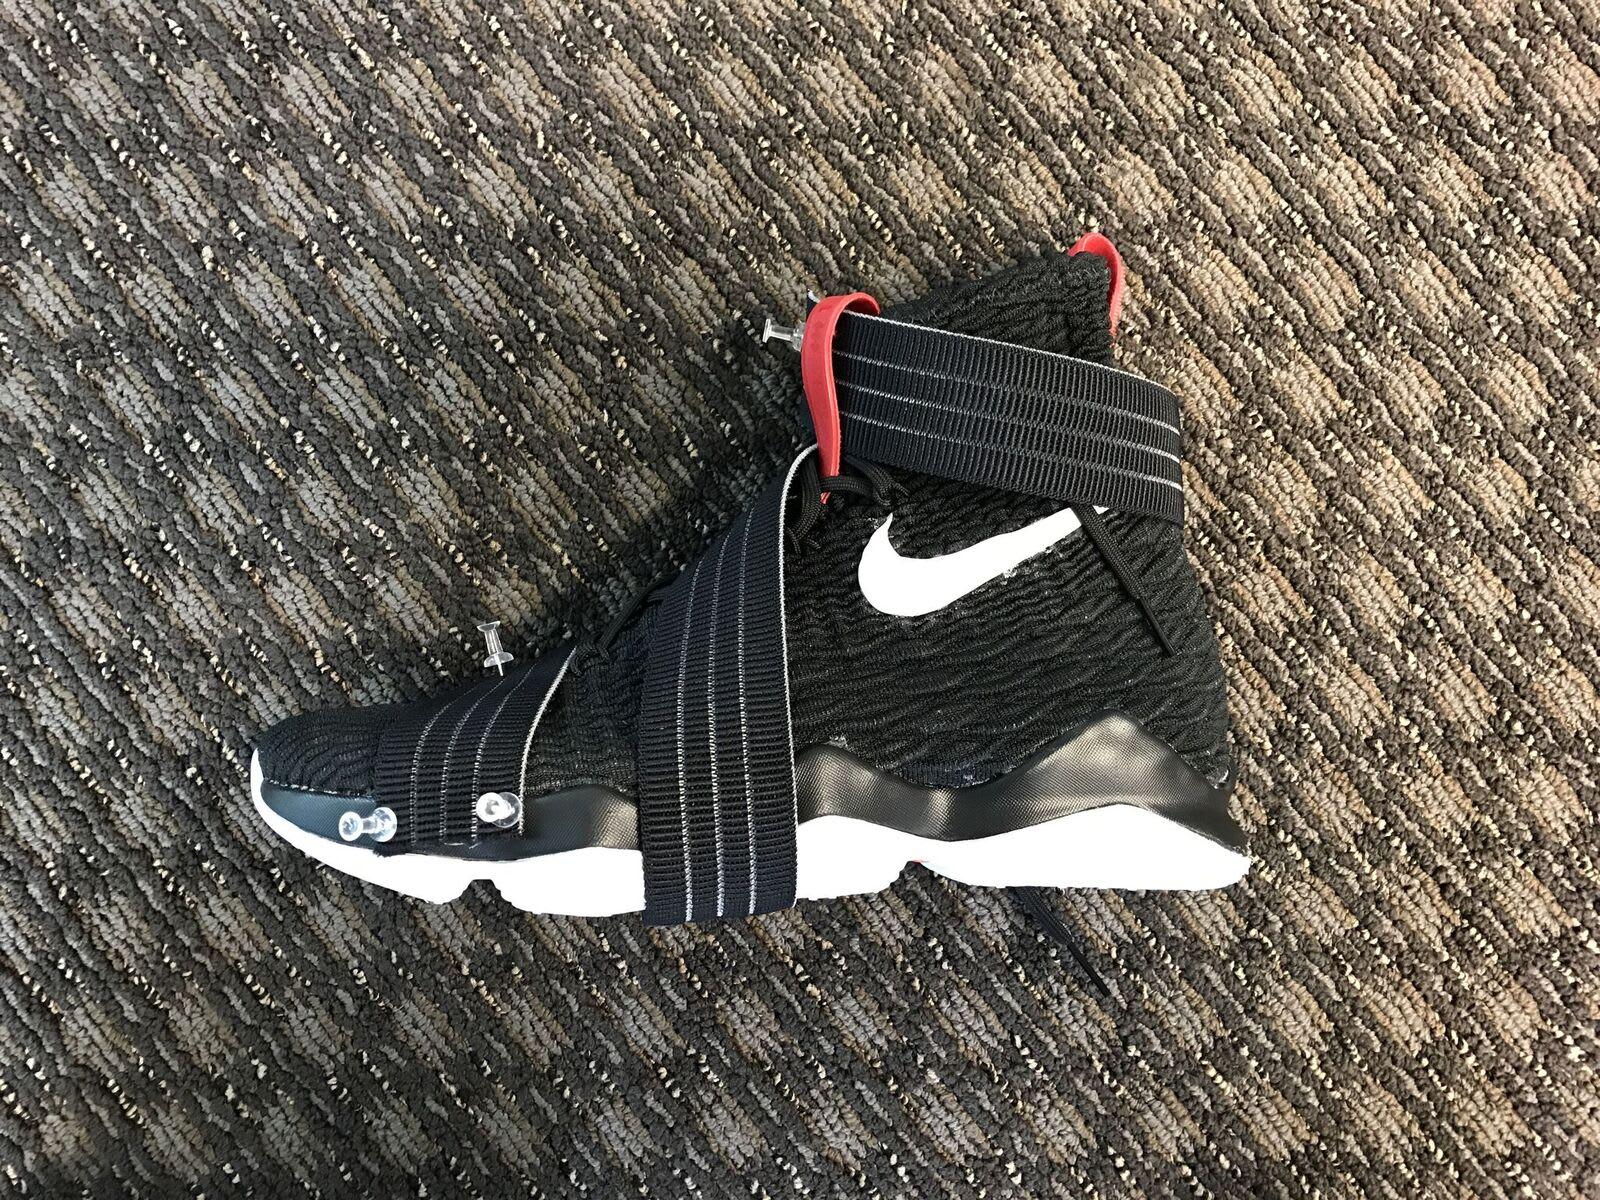 Kith x Nike LeBron 15 Concept